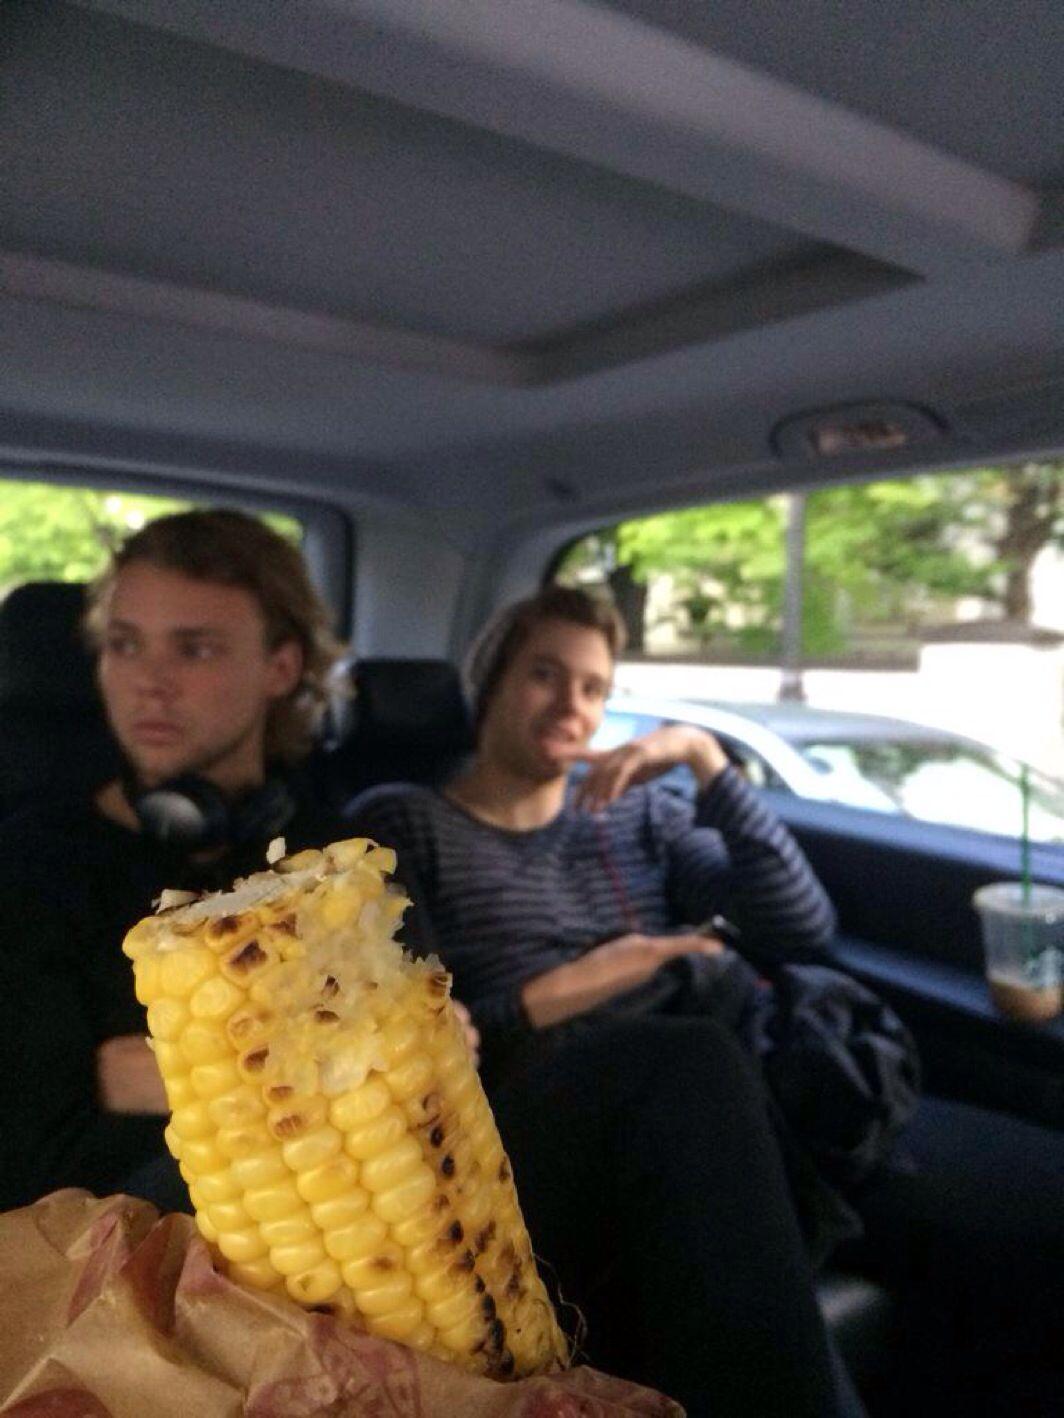 I like corn on a cob